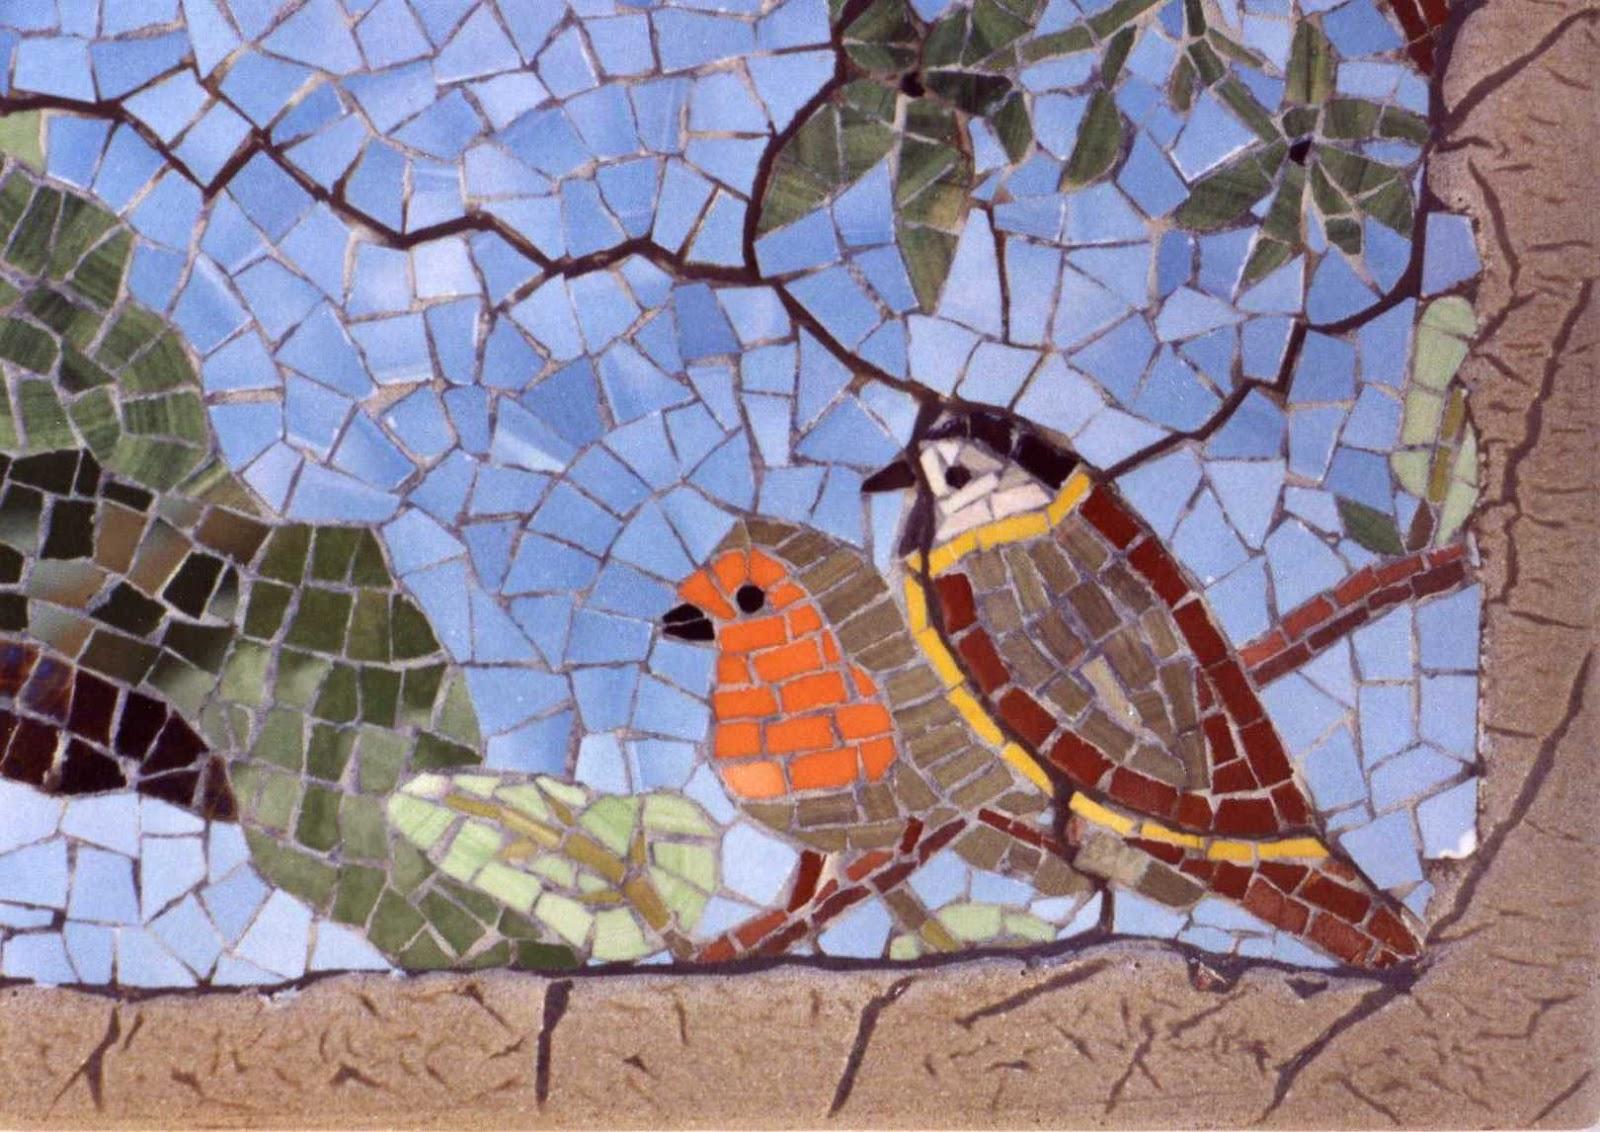 Ricardotecela mosaicos de pajaros el jilguero parte i - Mosaico de colores ...